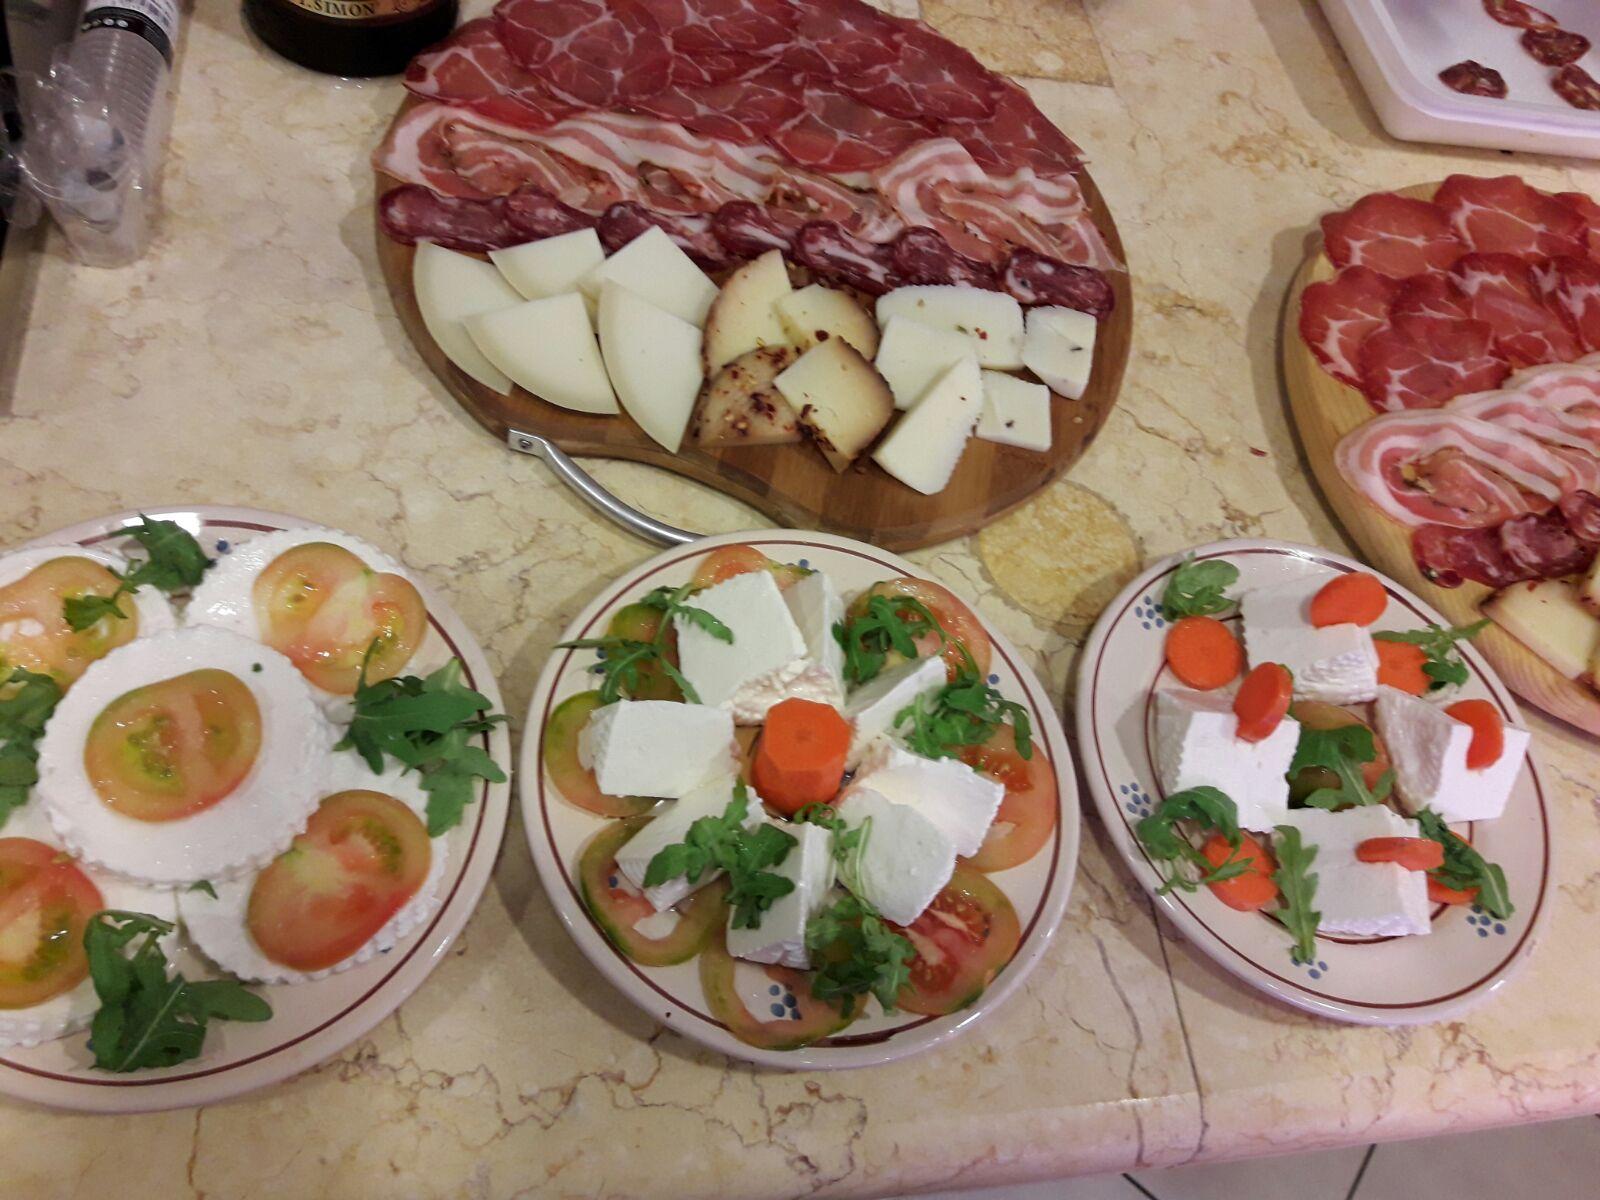 Tagliere di salumi e formaggi, piatti di insalate con formaggi